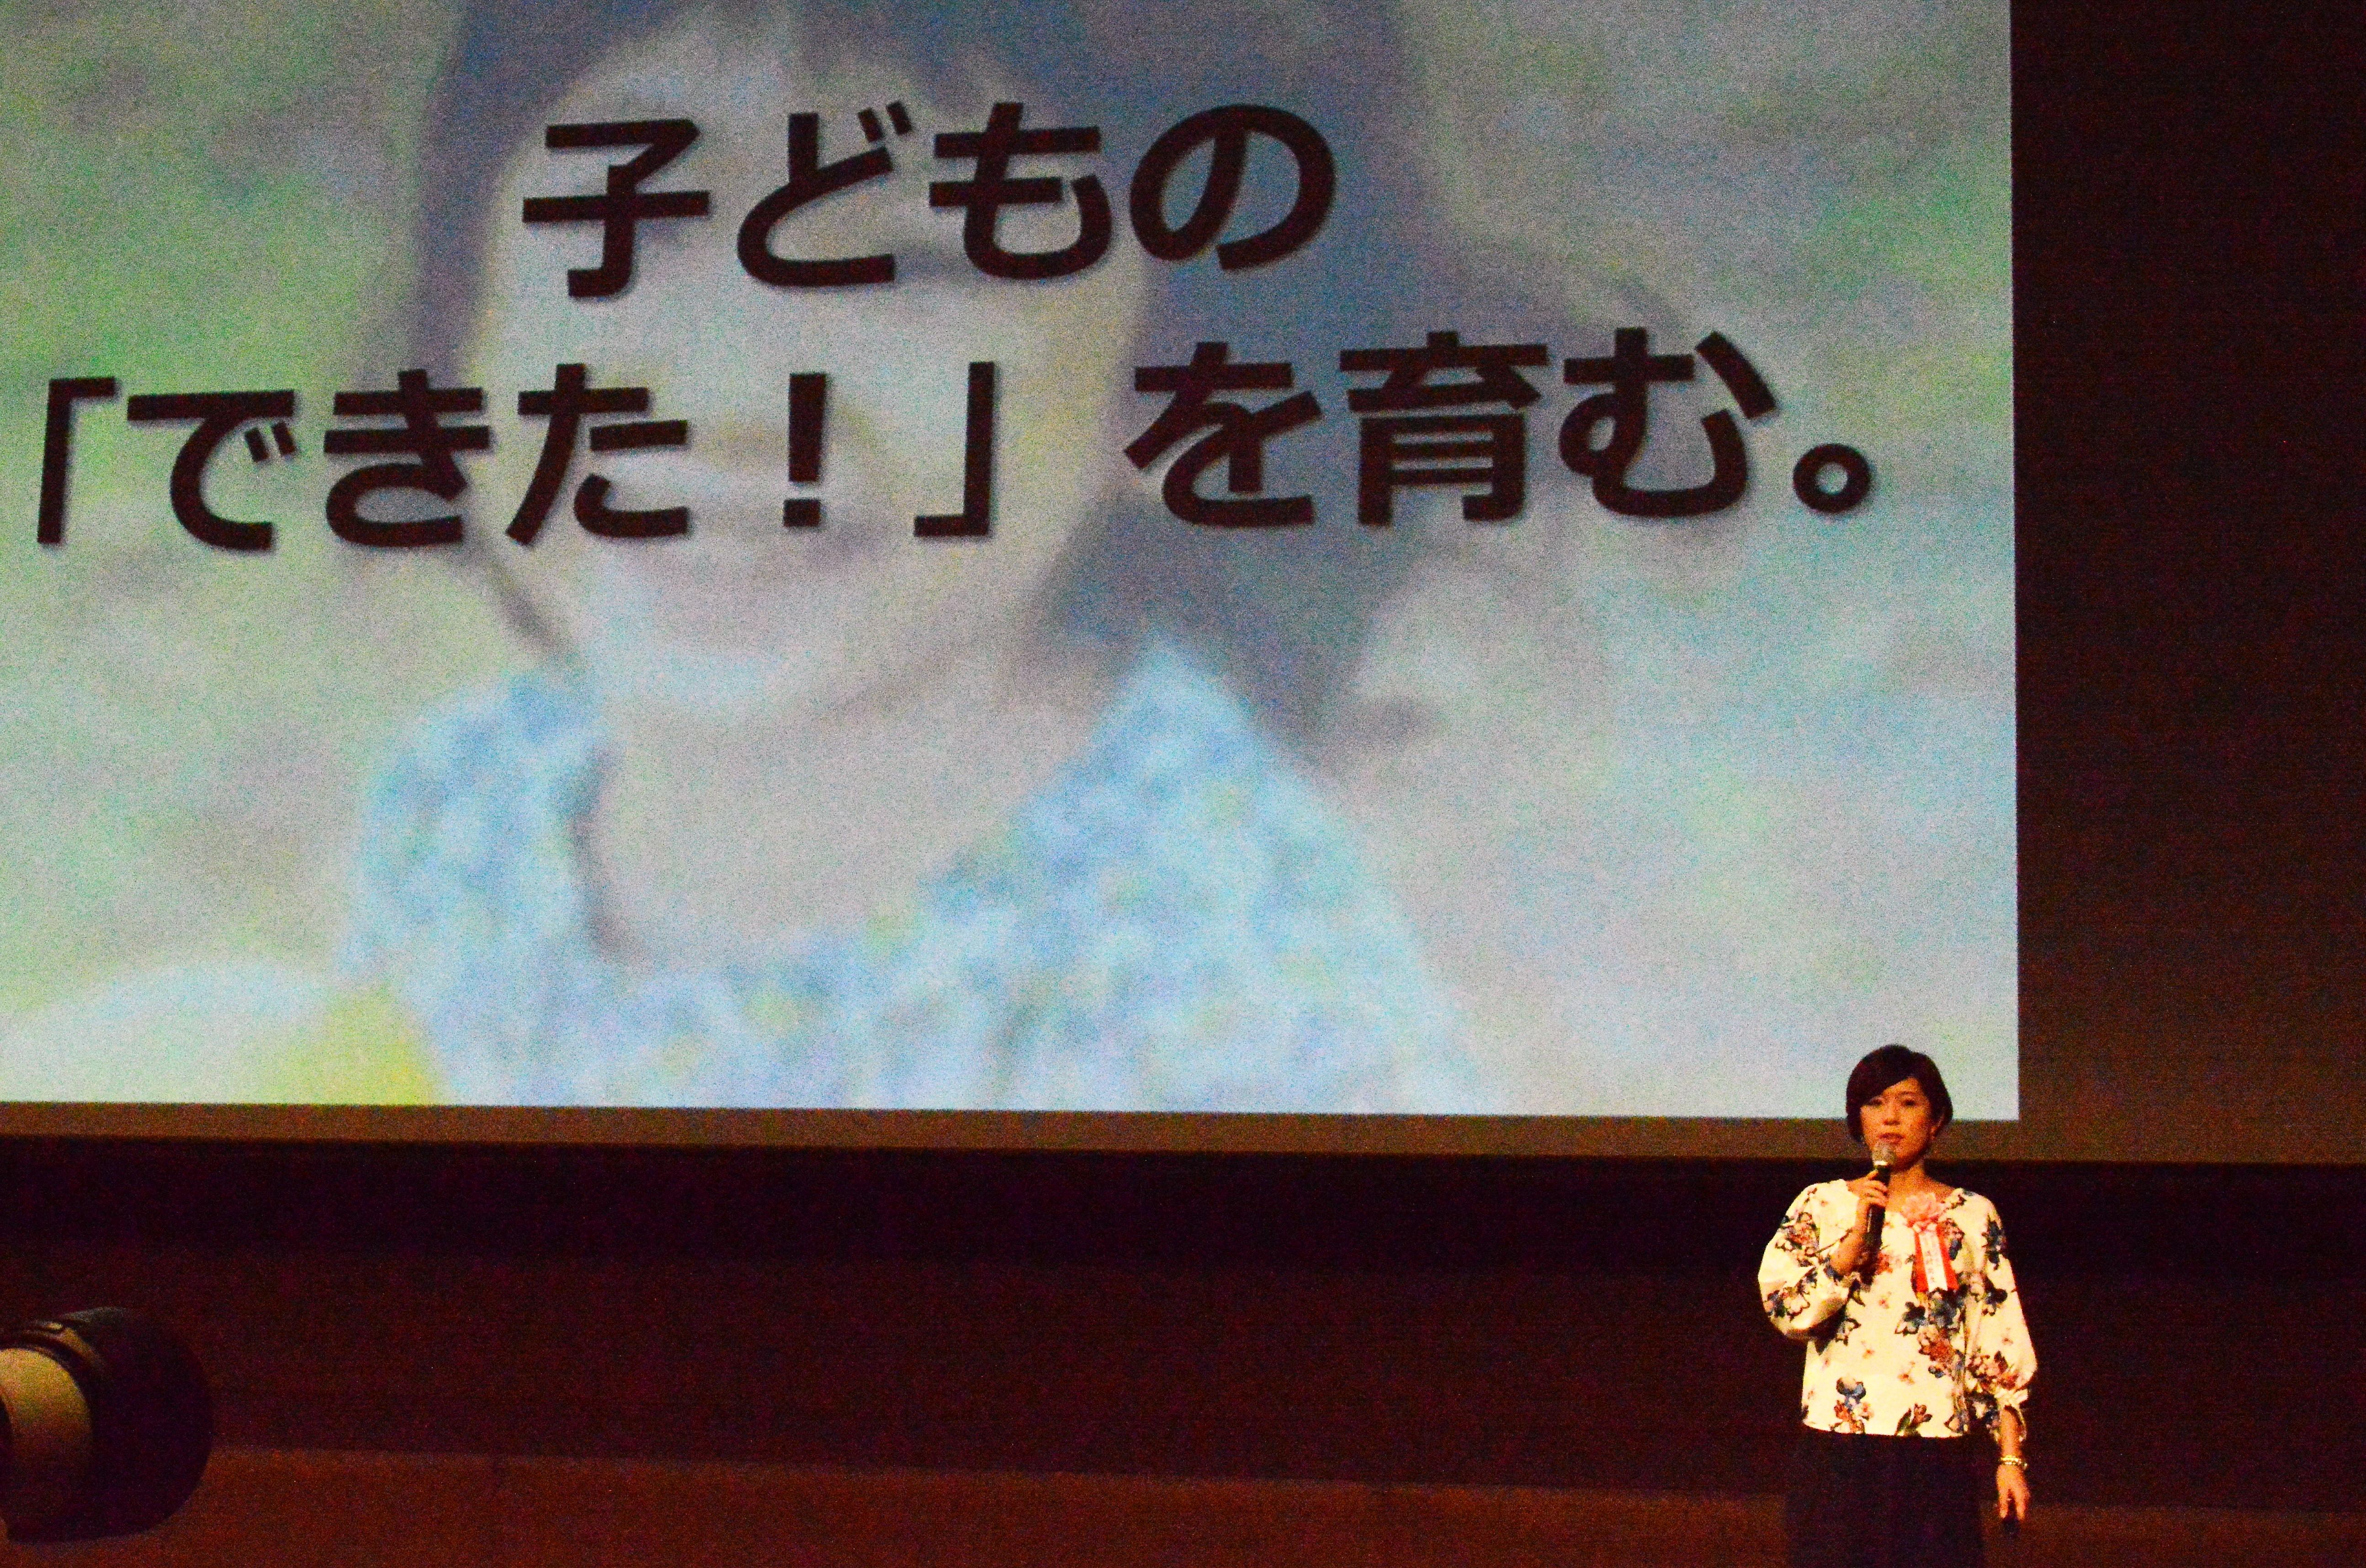 子供向けの教育サービス「ハグカム」の道村さん